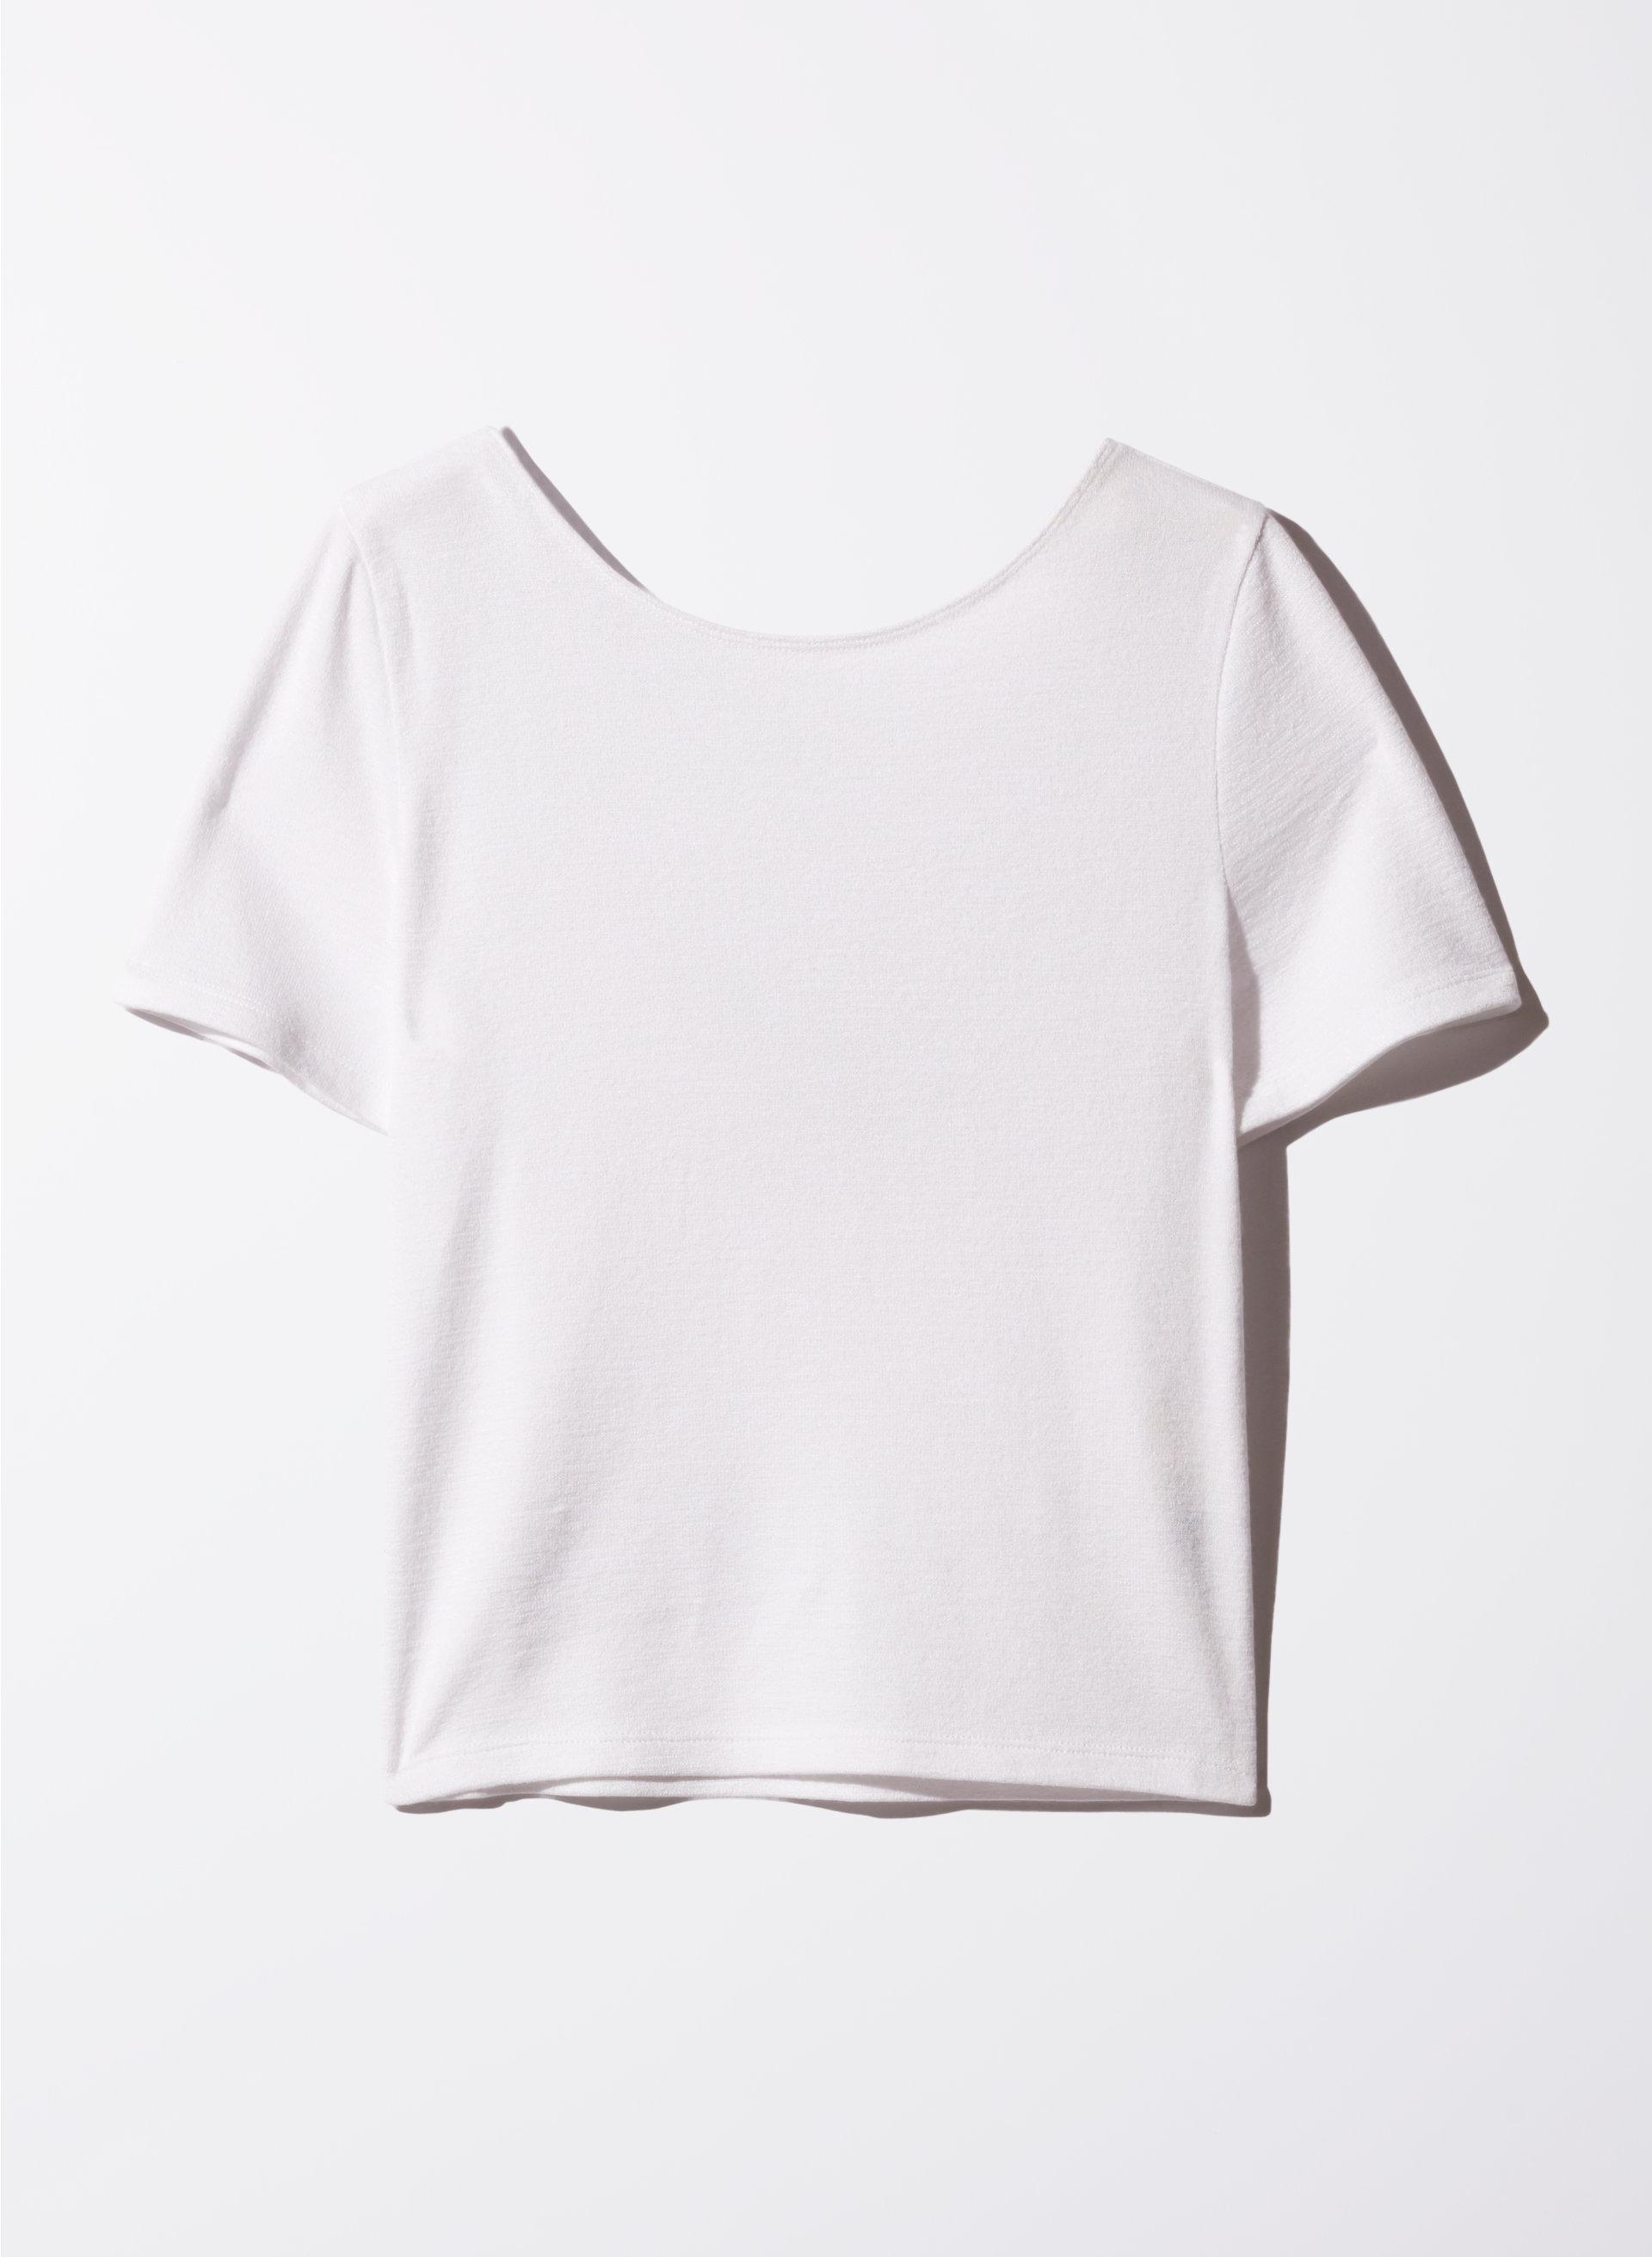 White t shirt crop top - Wilfred Free Juliana T Shirt Aritzia